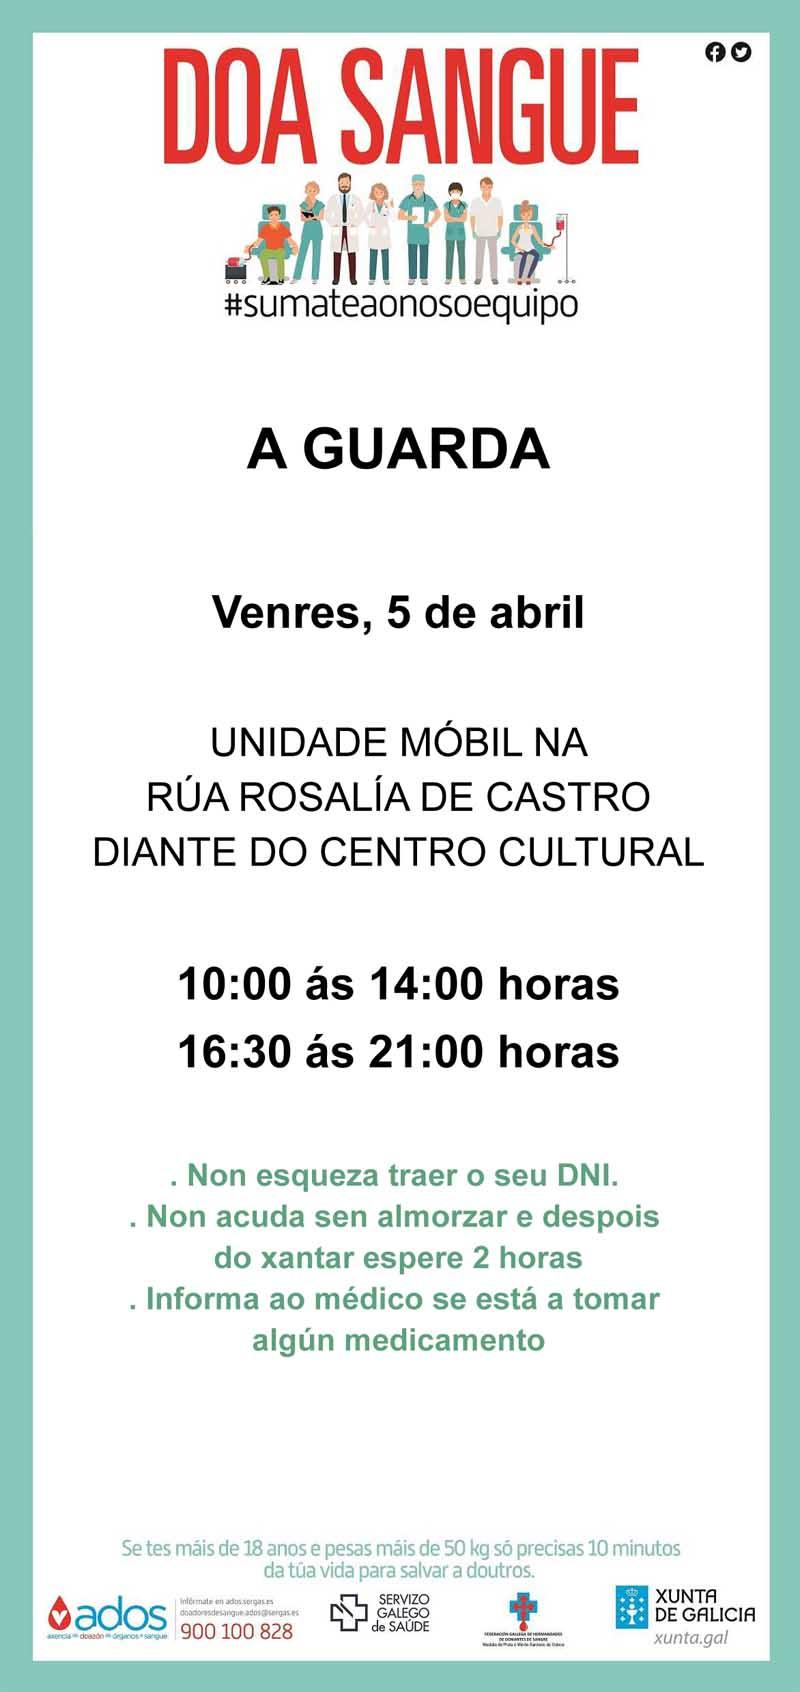 Este autobús estará emprazado na Rúa Rosalía de Castro(Ao Carón do Centro Cultural) o venres 5 en horario de 10:00 ás 14:00 e de 16:30 ás 21:00 horas.